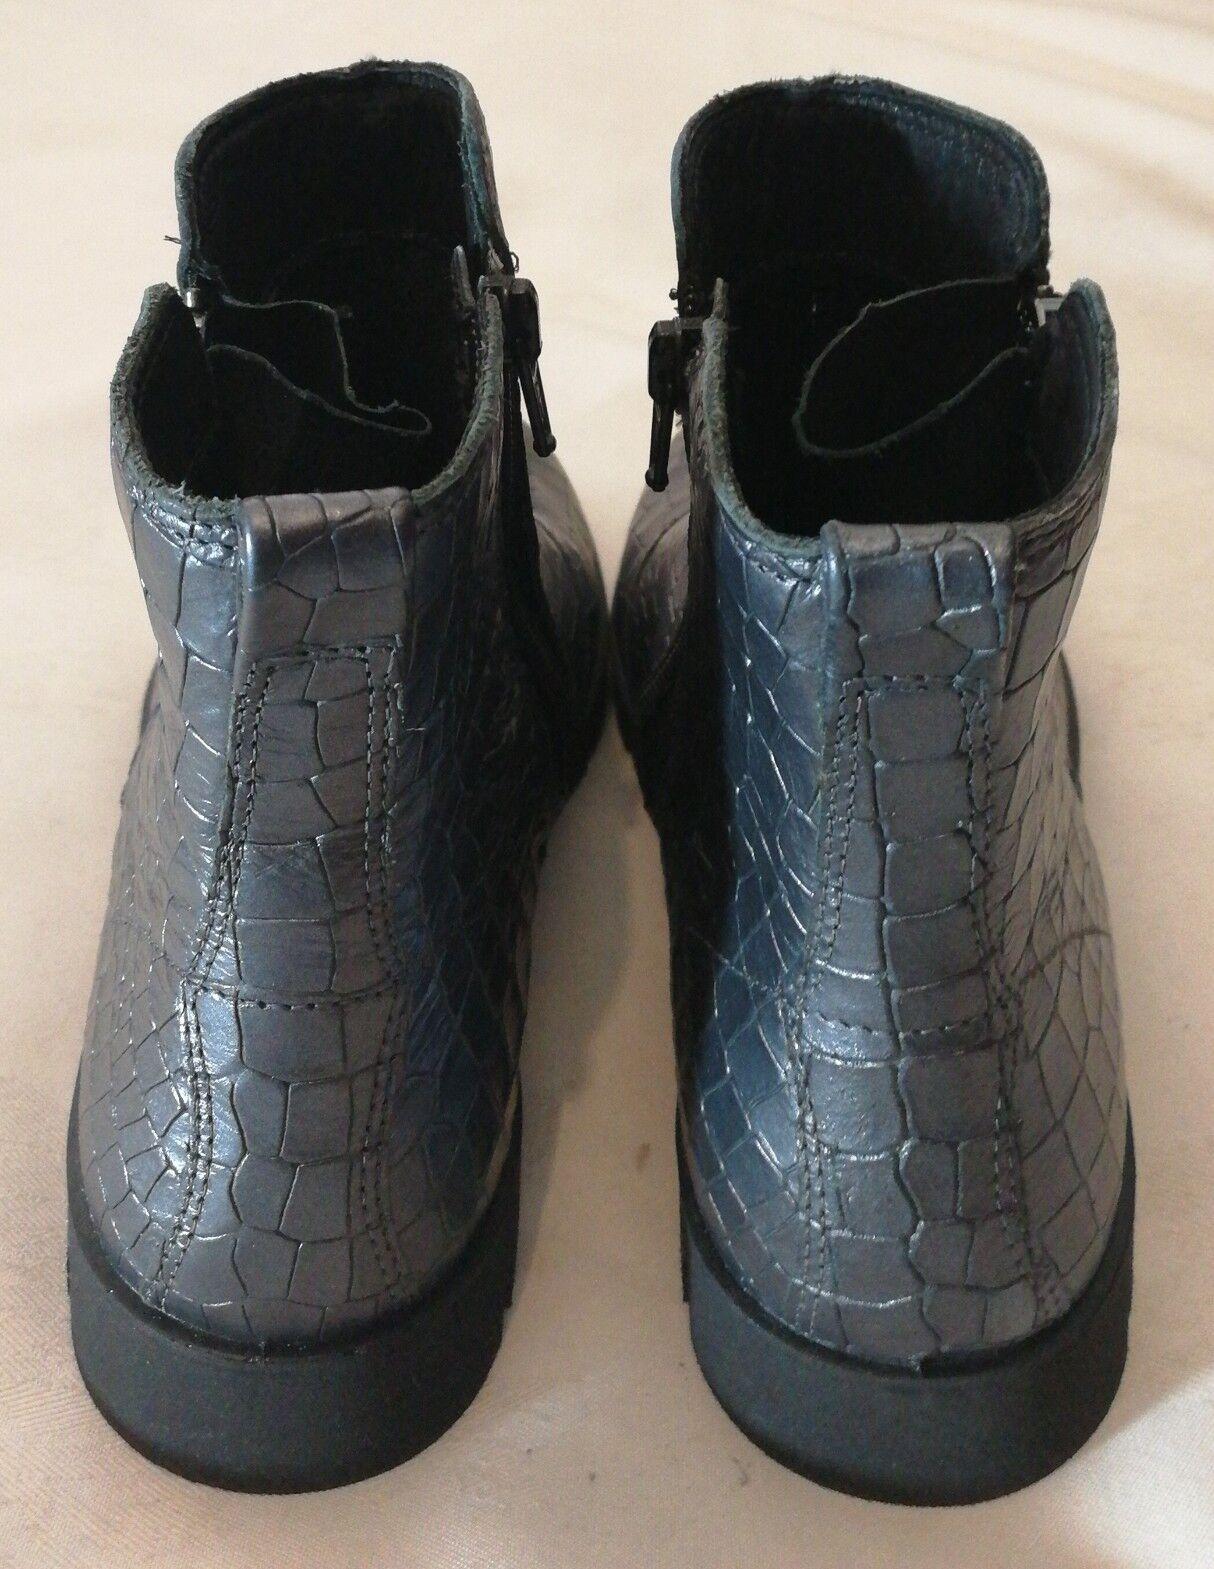 Ecco Ecco Ecco Bella Embellecido Cuero Tobillo botas Con Cremallera Cómoda gris verde UK 3 EU 36 144eda